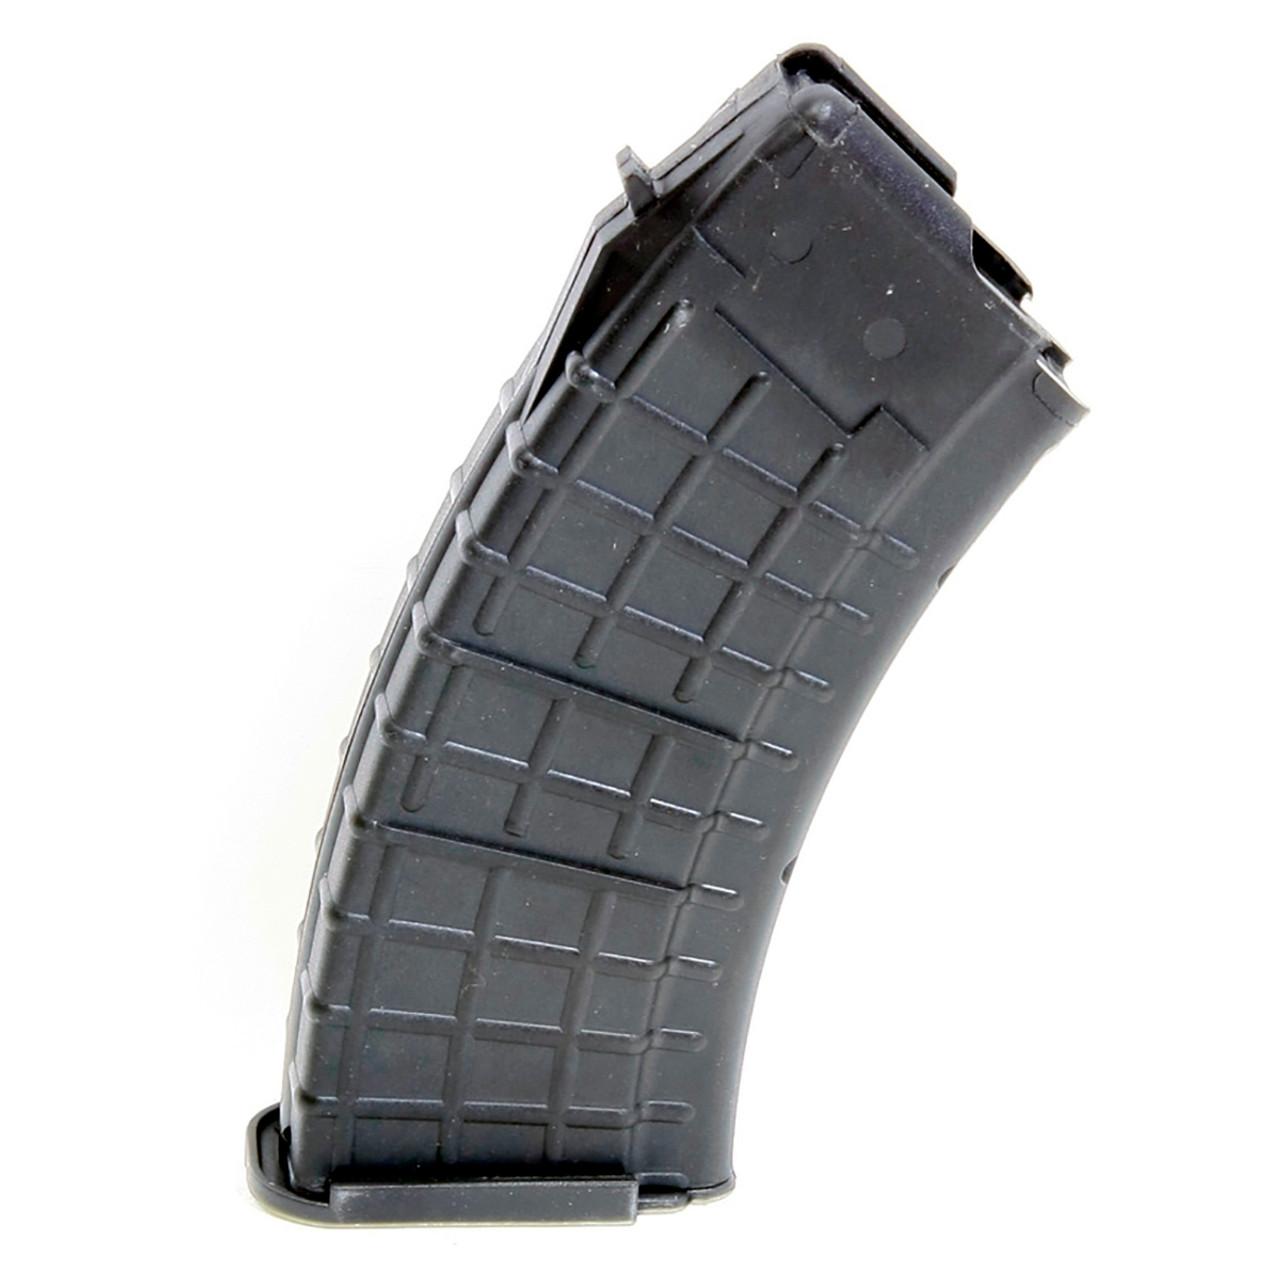 AK-47® 7.62x39mm (20) Rd - Black Polymer